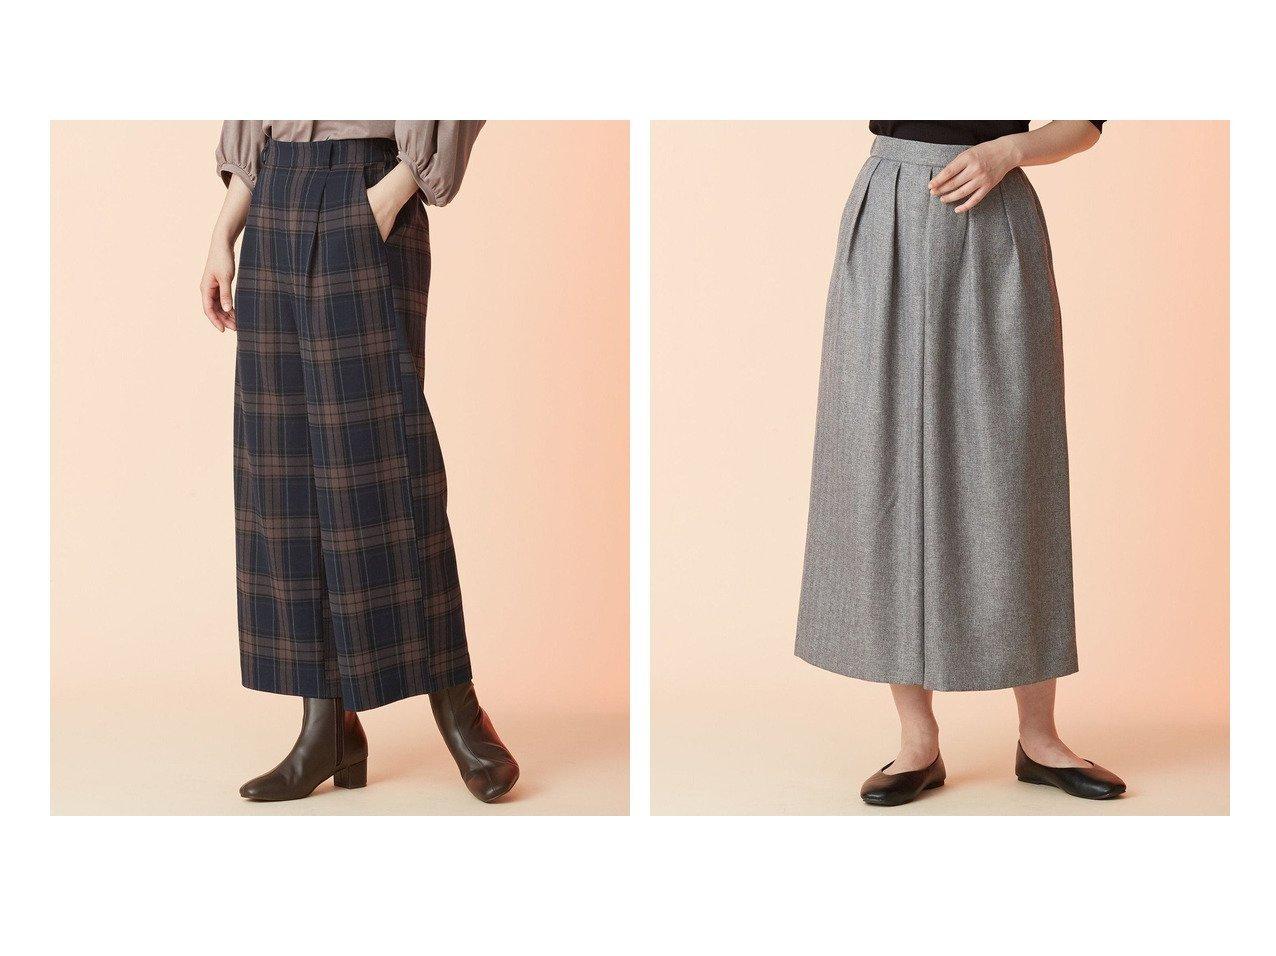 【any FAM/エニィファム】のソフトチェックワイド パンツ&イージーケアヘリンボン パンツ 【プチプライス・低価格】おすすめ!人気、トレンド・レディースファッションの通販 おすすめで人気の流行・トレンド、ファッションの通販商品 インテリア・家具・メンズファッション・キッズファッション・レディースファッション・服の通販 founy(ファニー) https://founy.com/ ファッション Fashion レディースファッション WOMEN パンツ Pants 送料無料 Free Shipping A/W・秋冬 AW・Autumn/Winter・FW・Fall-Winter クラシック チェック フロント ワイド |ID:crp329100000072080